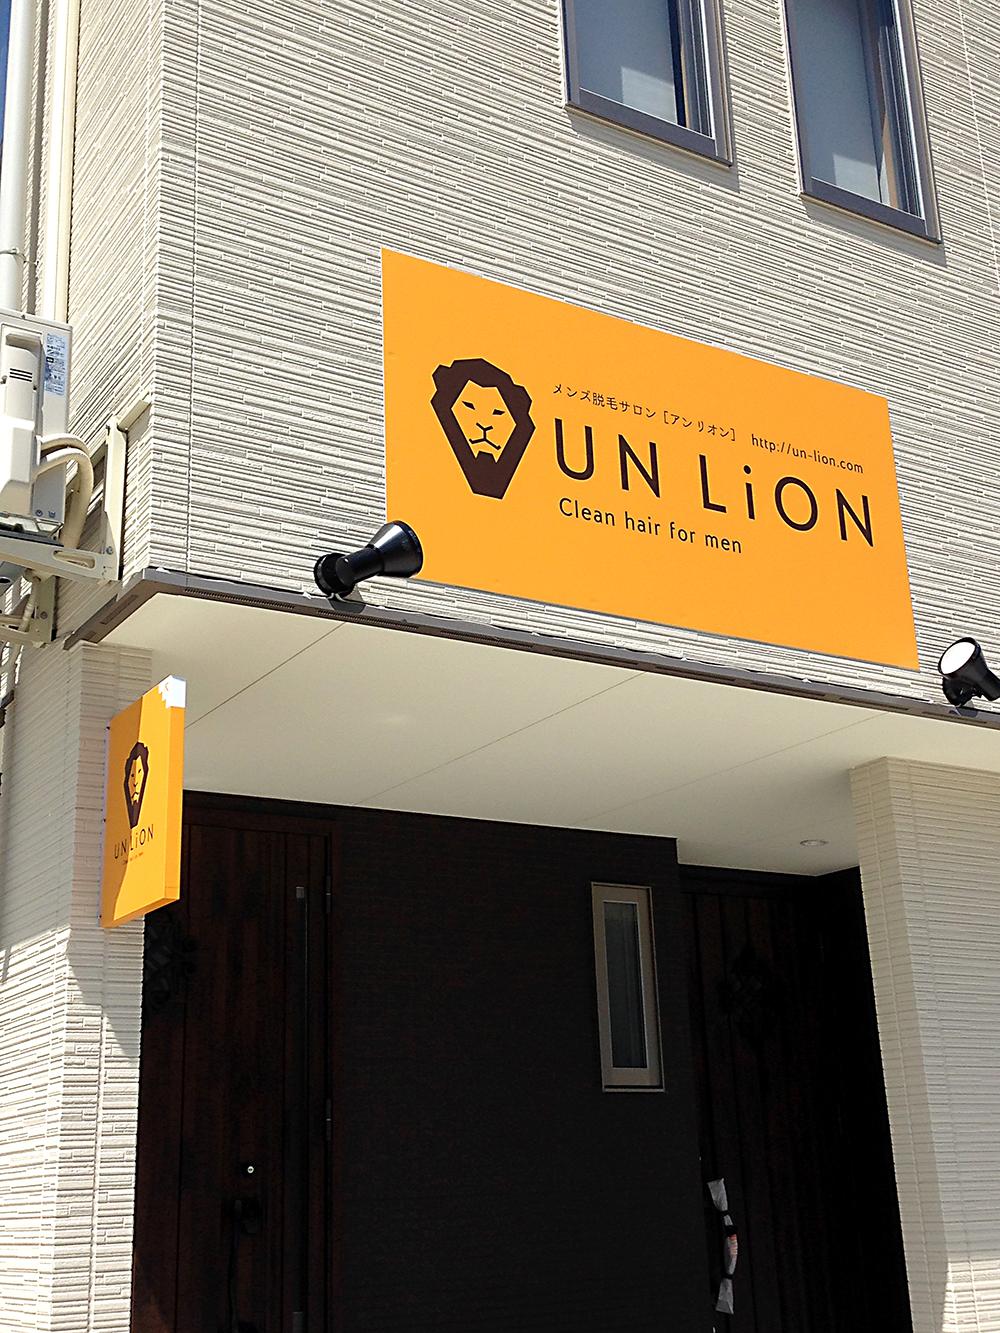 [看板]メンズ脱毛サロン UN LiON様